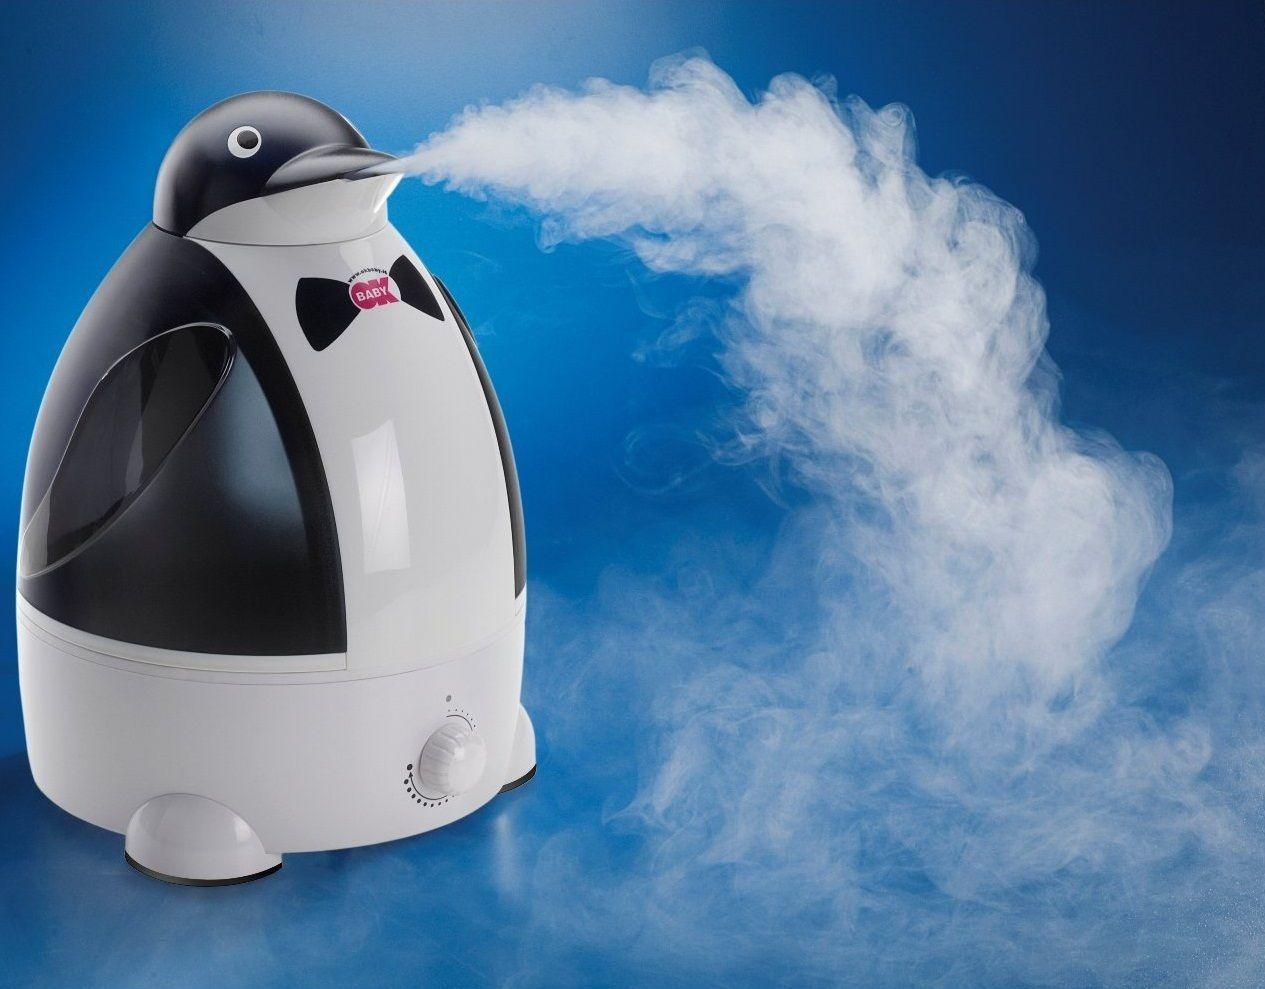 Увлажнитель воздуха с ионизатором: какой выбрать